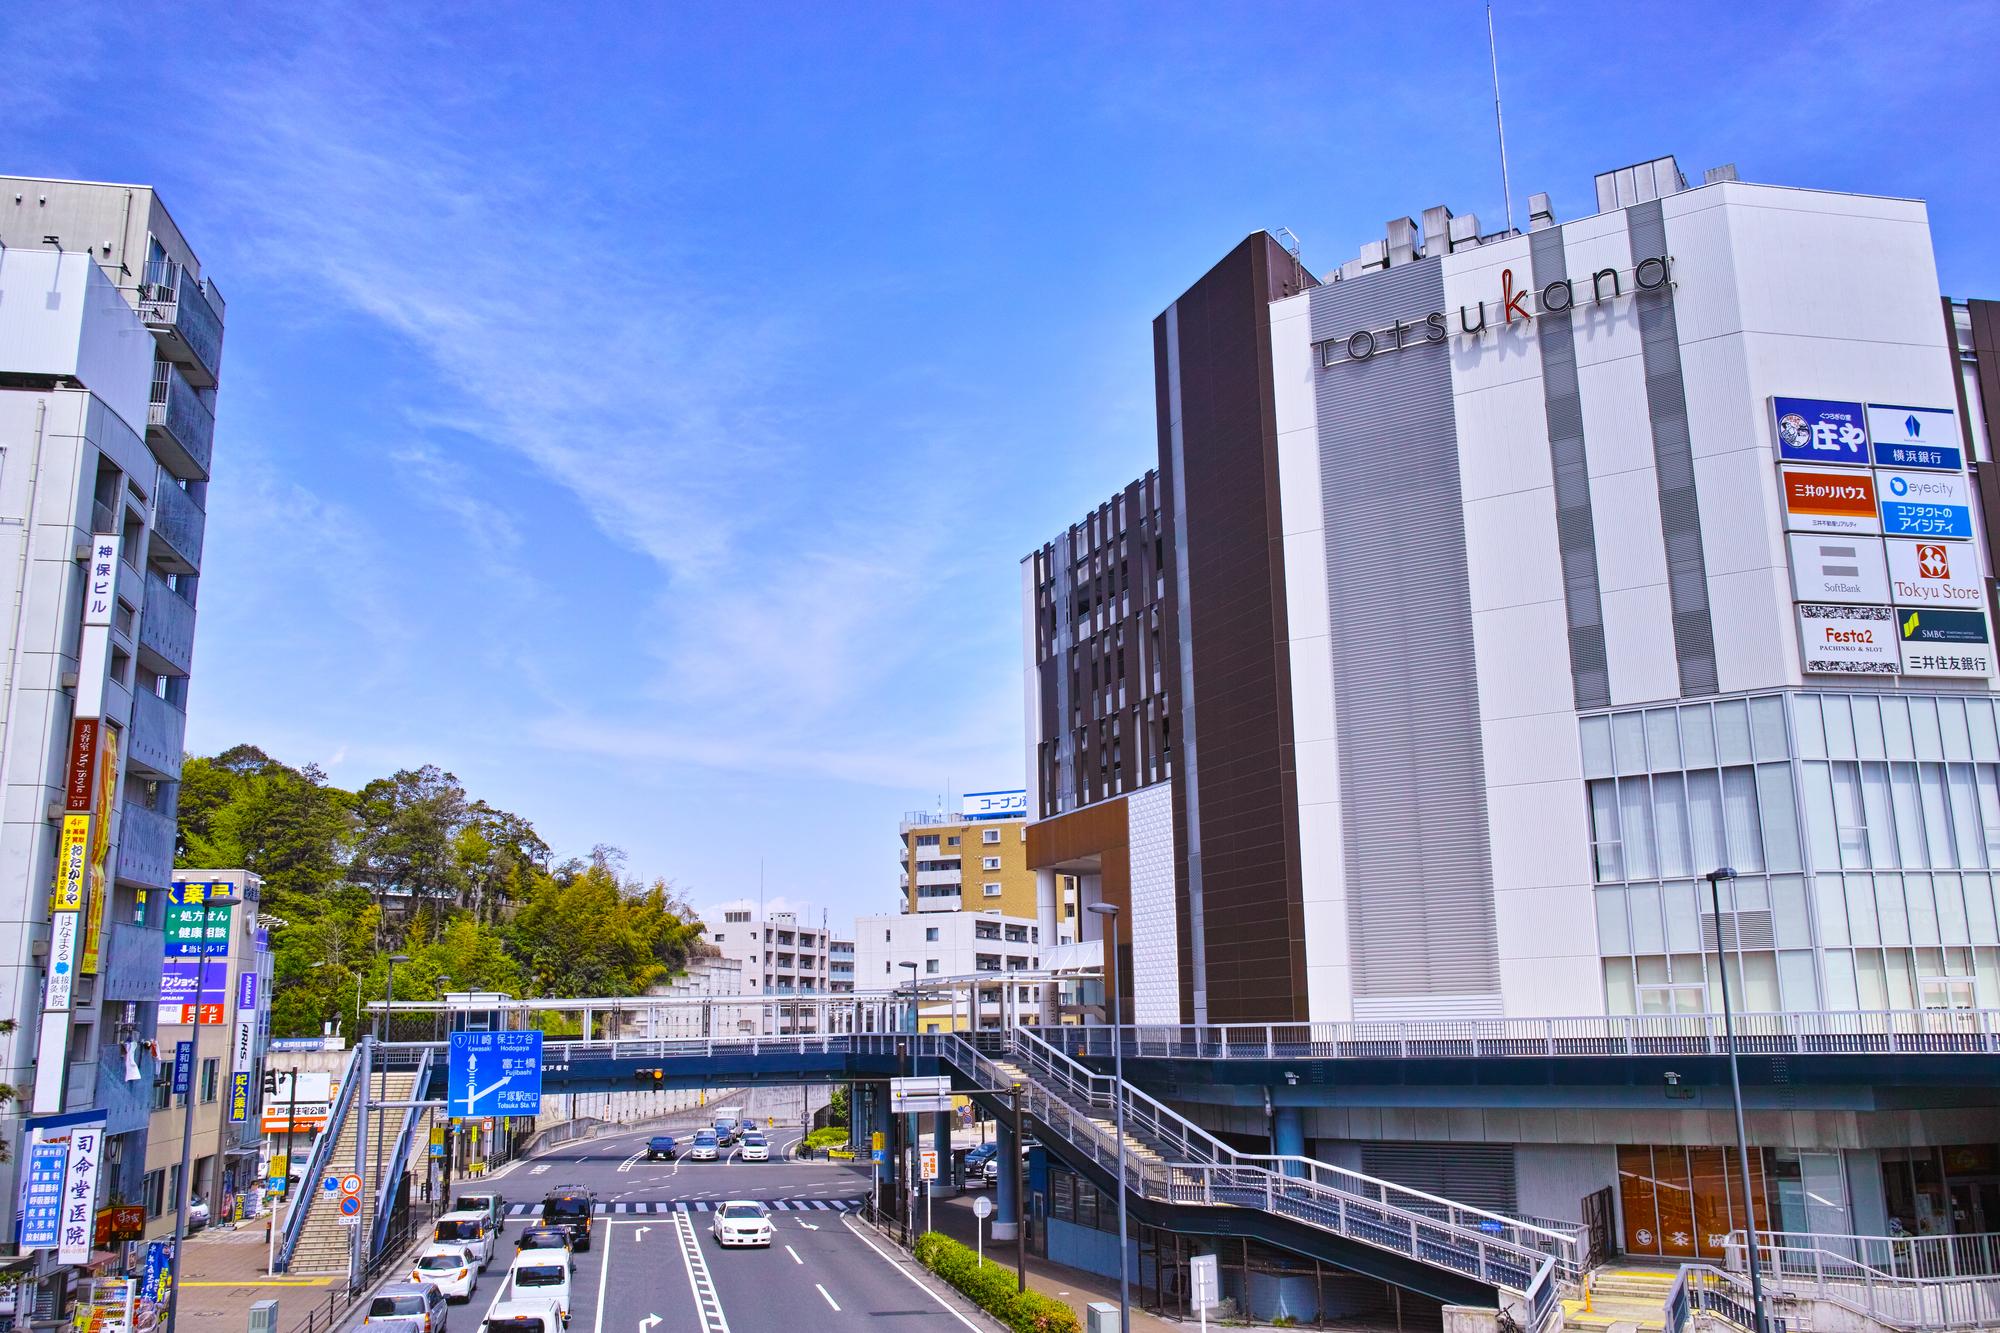 日曜に通院したい方へ!戸塚駅の歯医者さん、おすすめポイント紹介